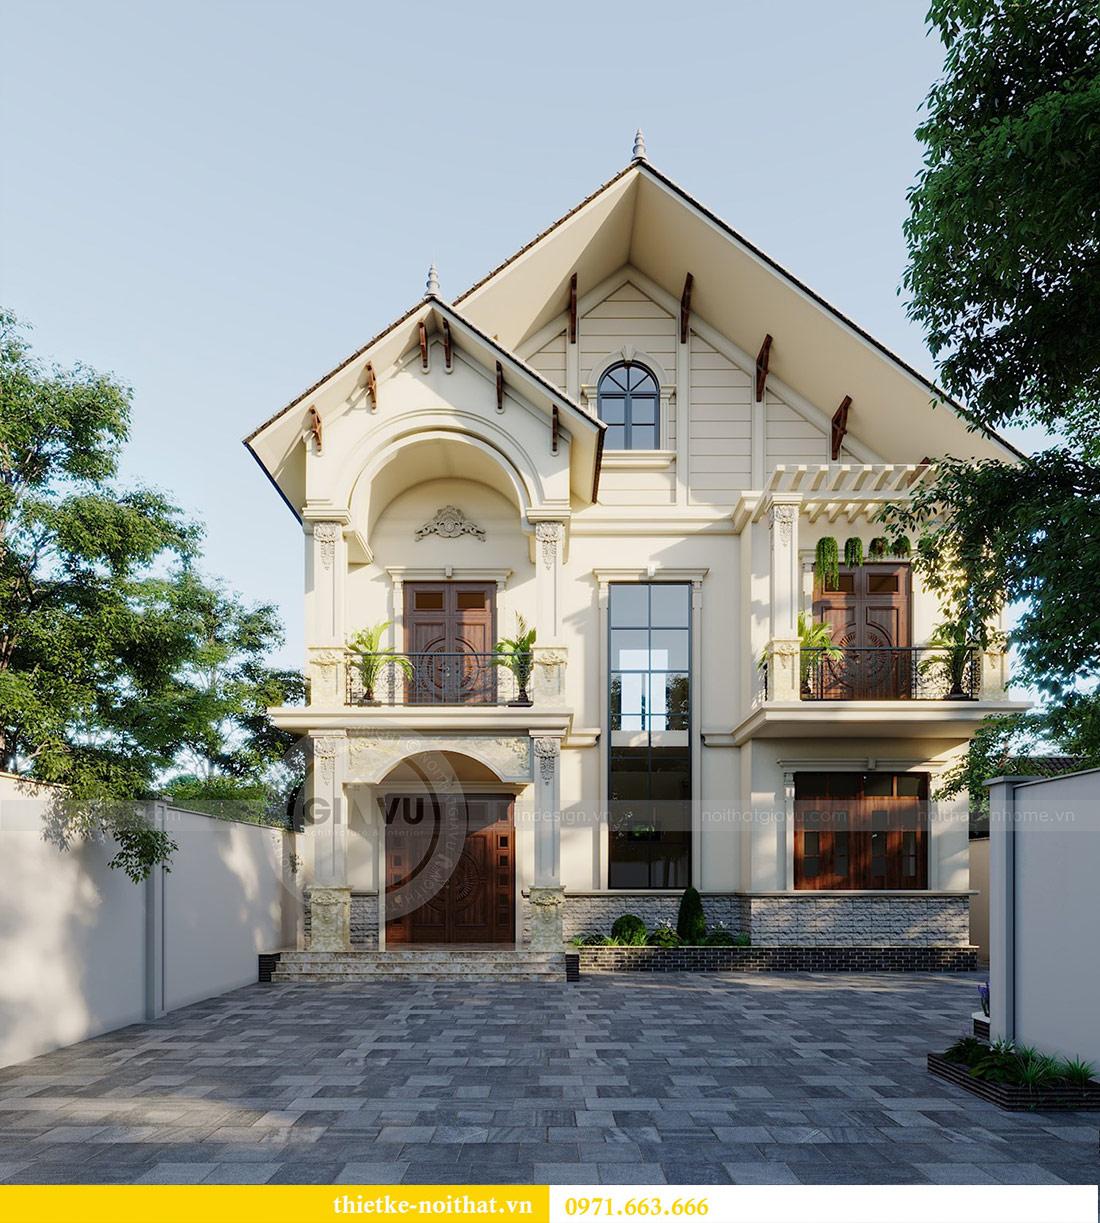 Thiết kế kiến trúc biệt thự An Dương Tây Hồ nhà chú Đức 1